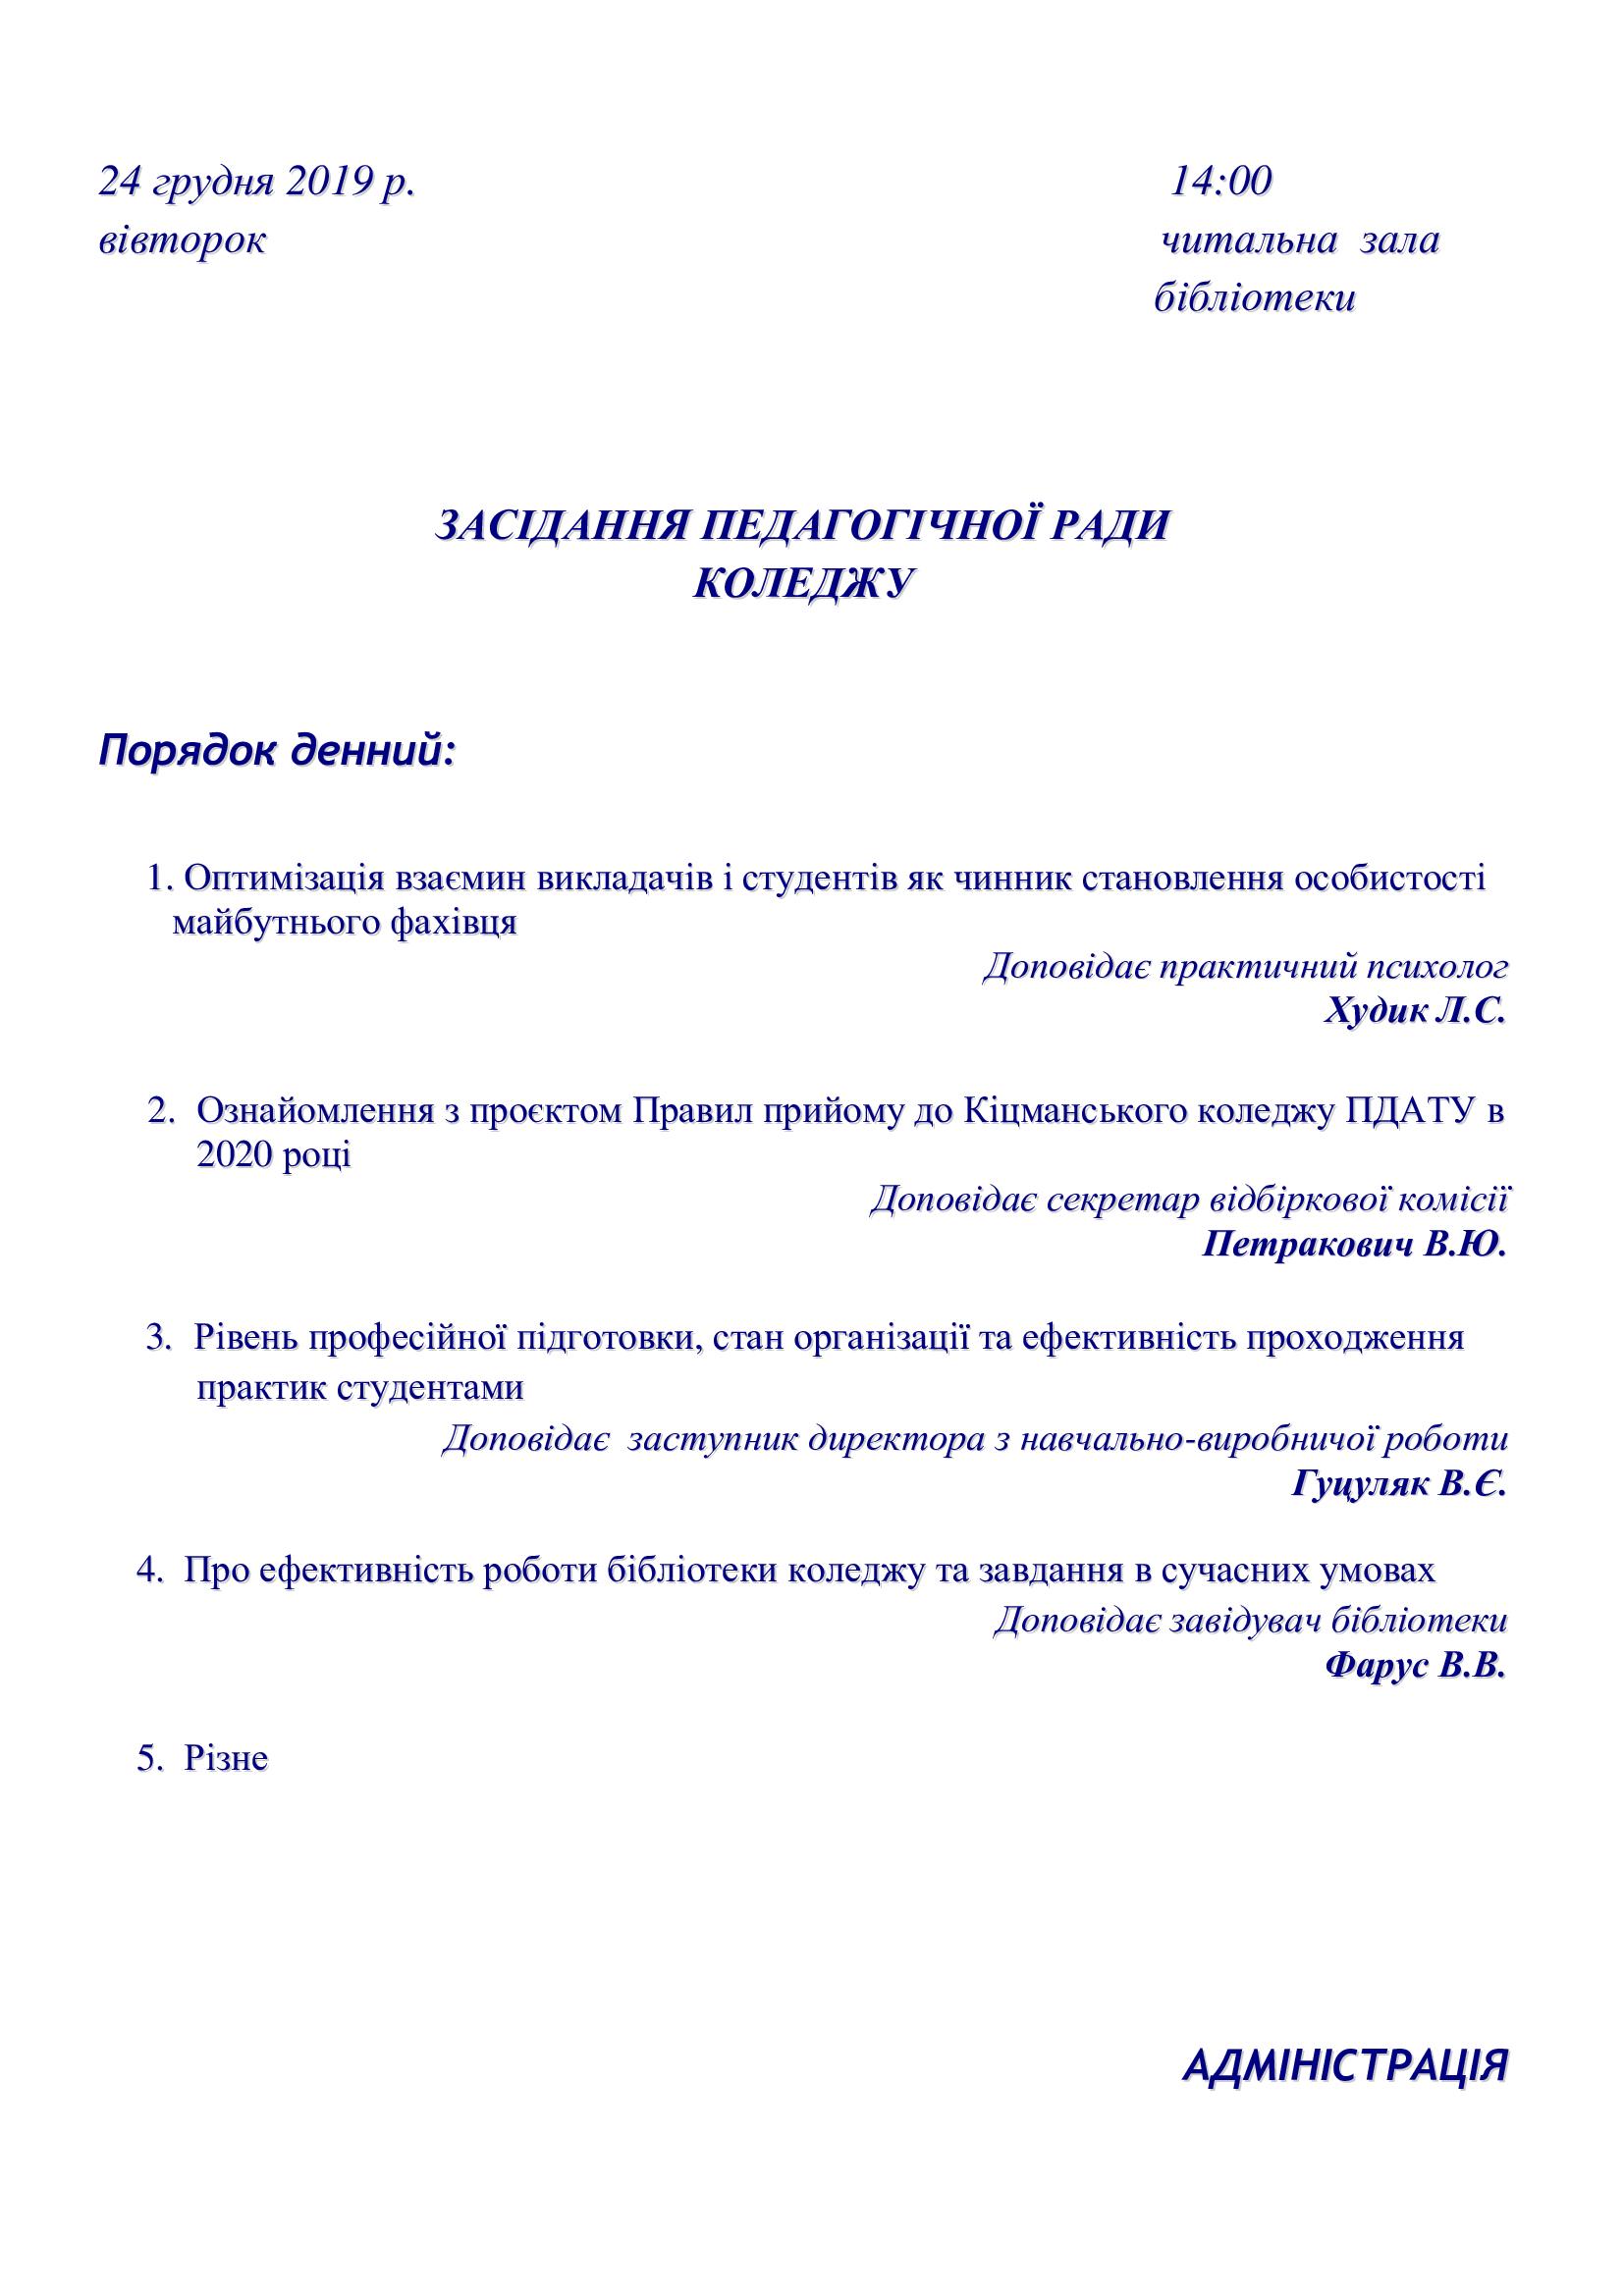 24.12-Педрада-змінена